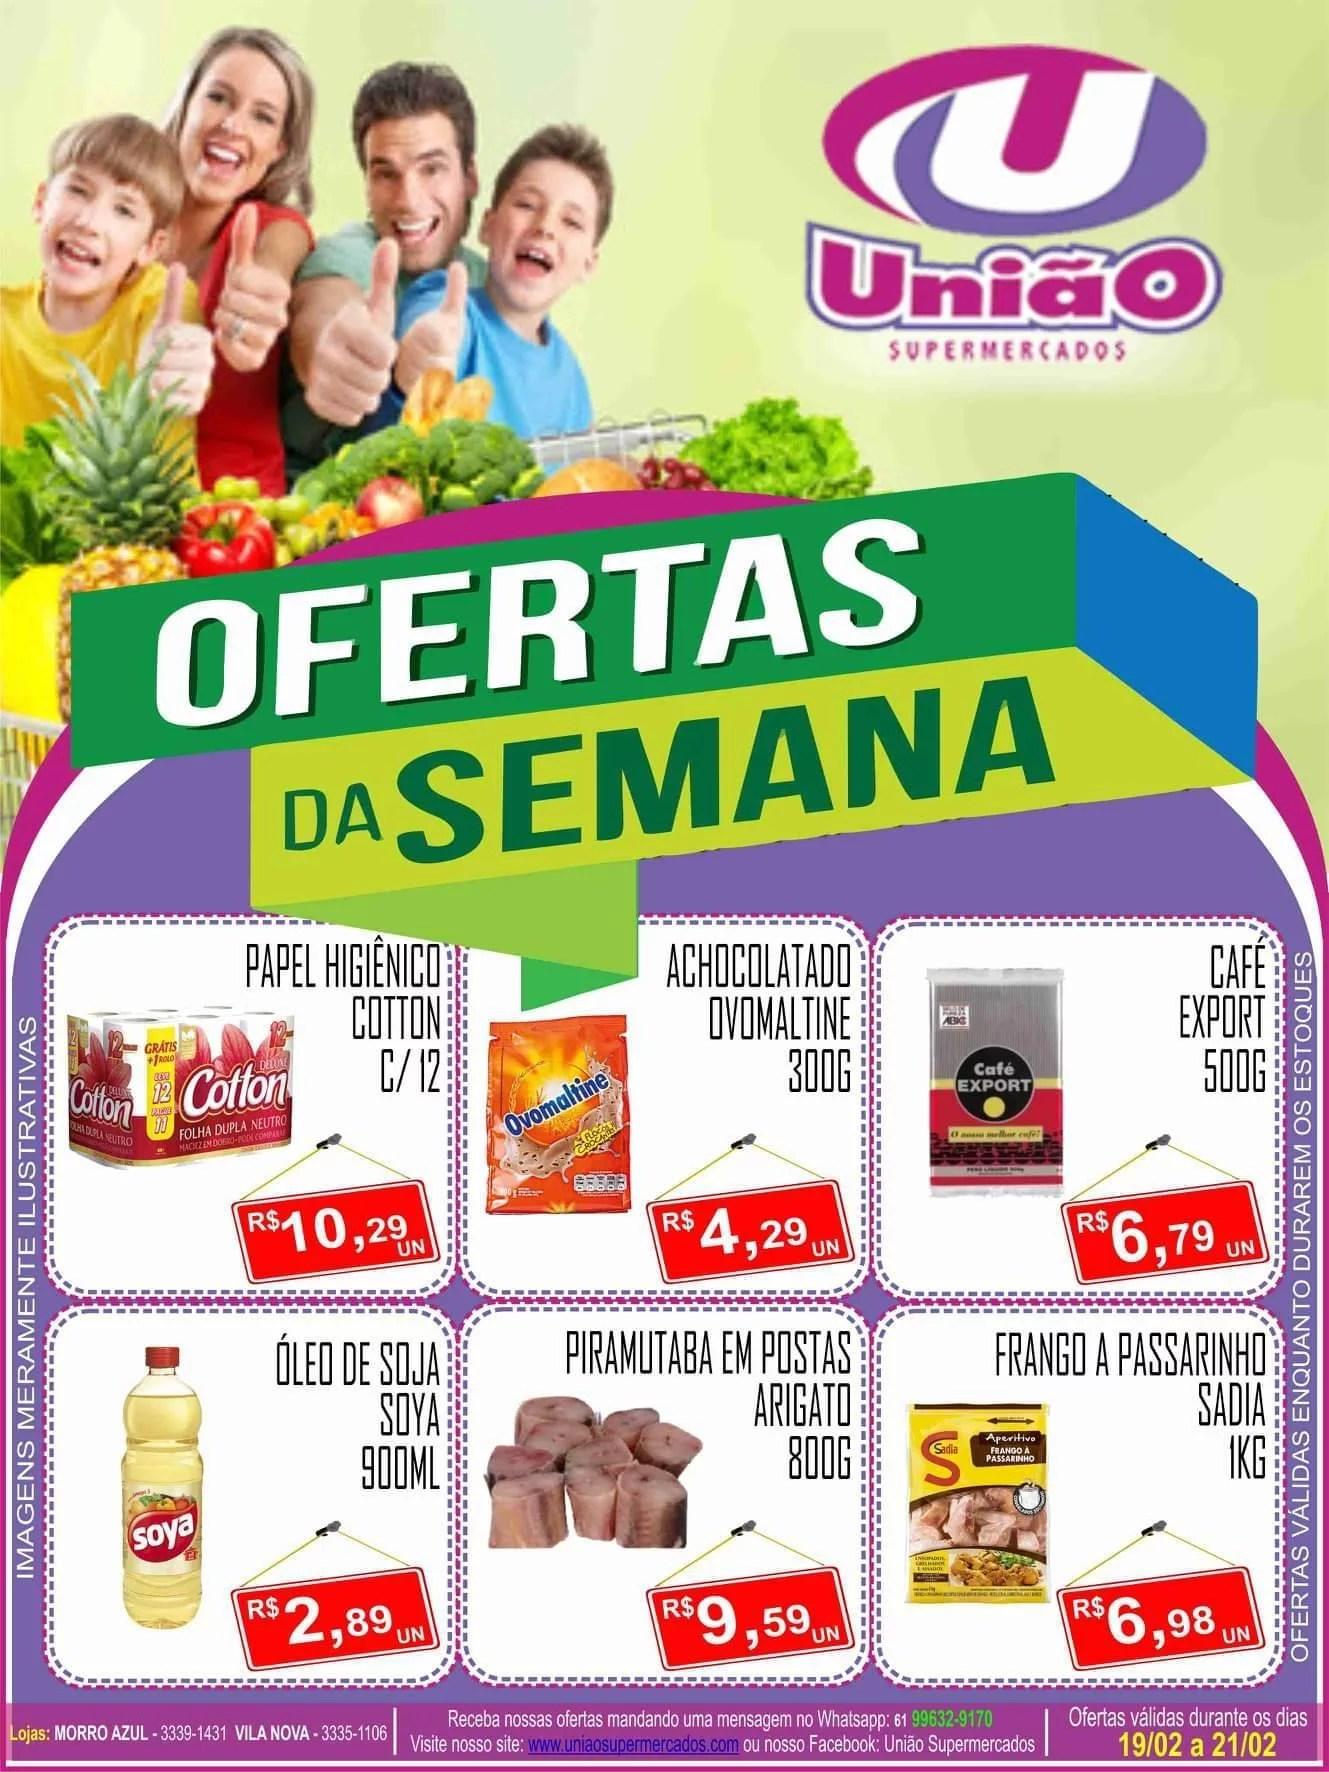 Ofertas Supermercado União64